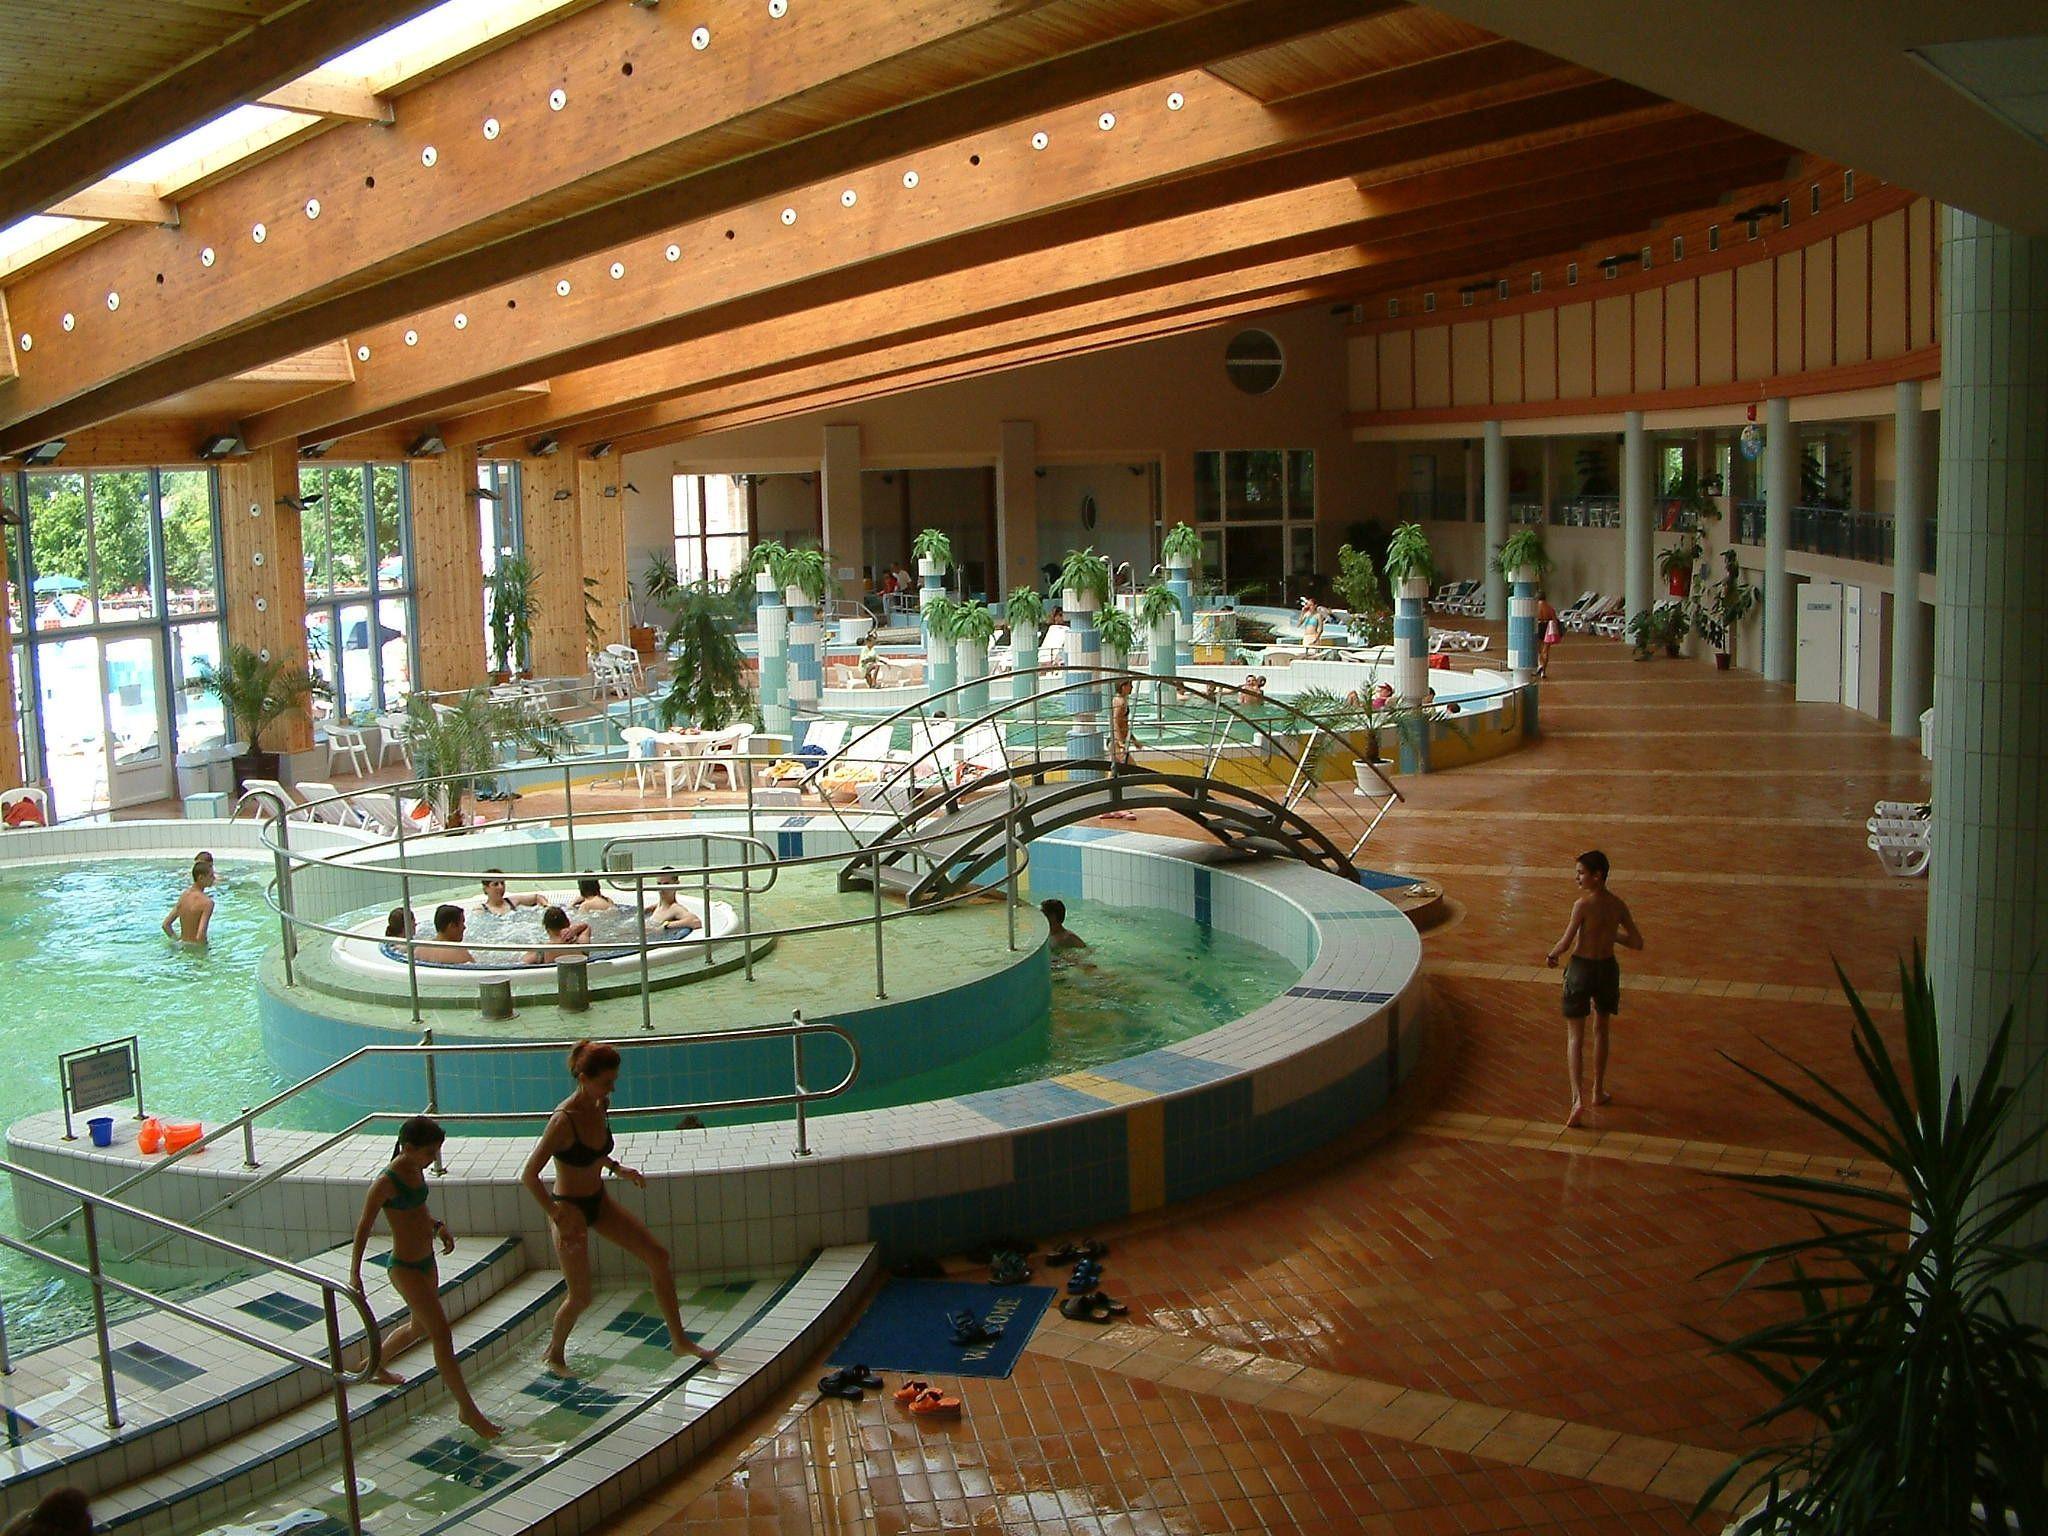 A legjobb wellness akciók akár 50% kedvezménnyel! Foglaljon most, amíg még van hely! www.wellnesscentrum.hu/akciok